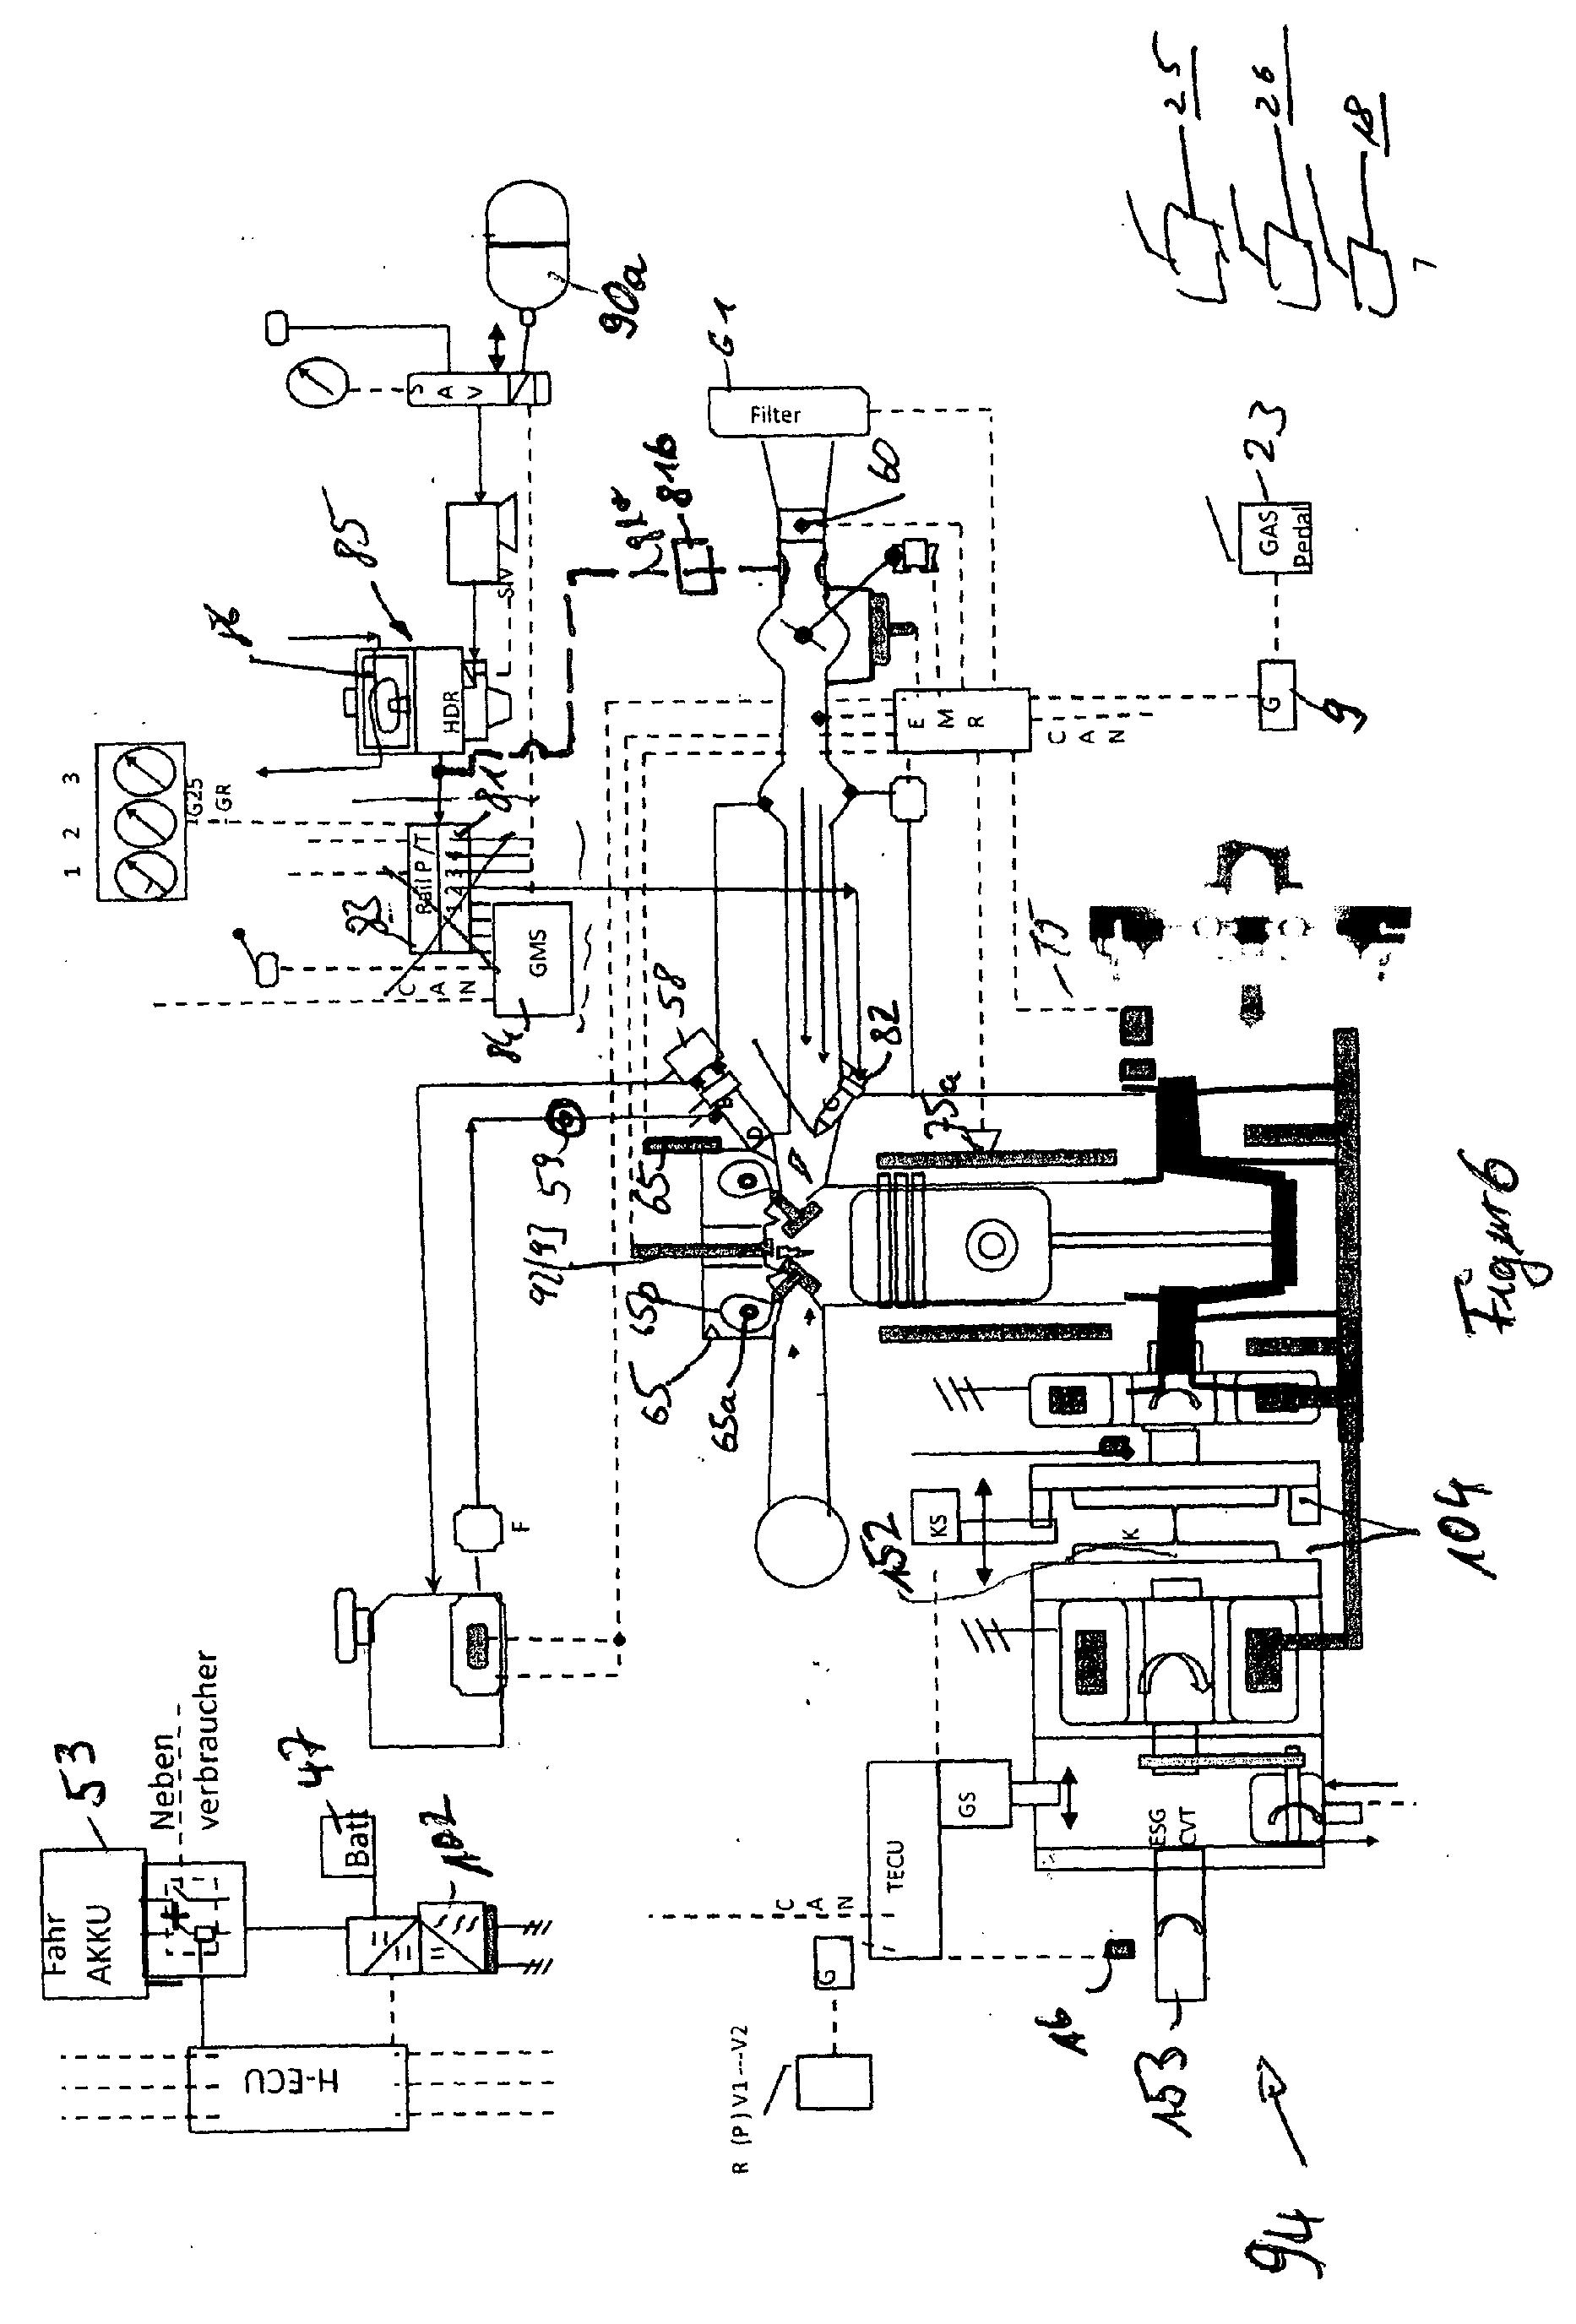 Schema Schaltung Kuhlraum 4 30 Dci